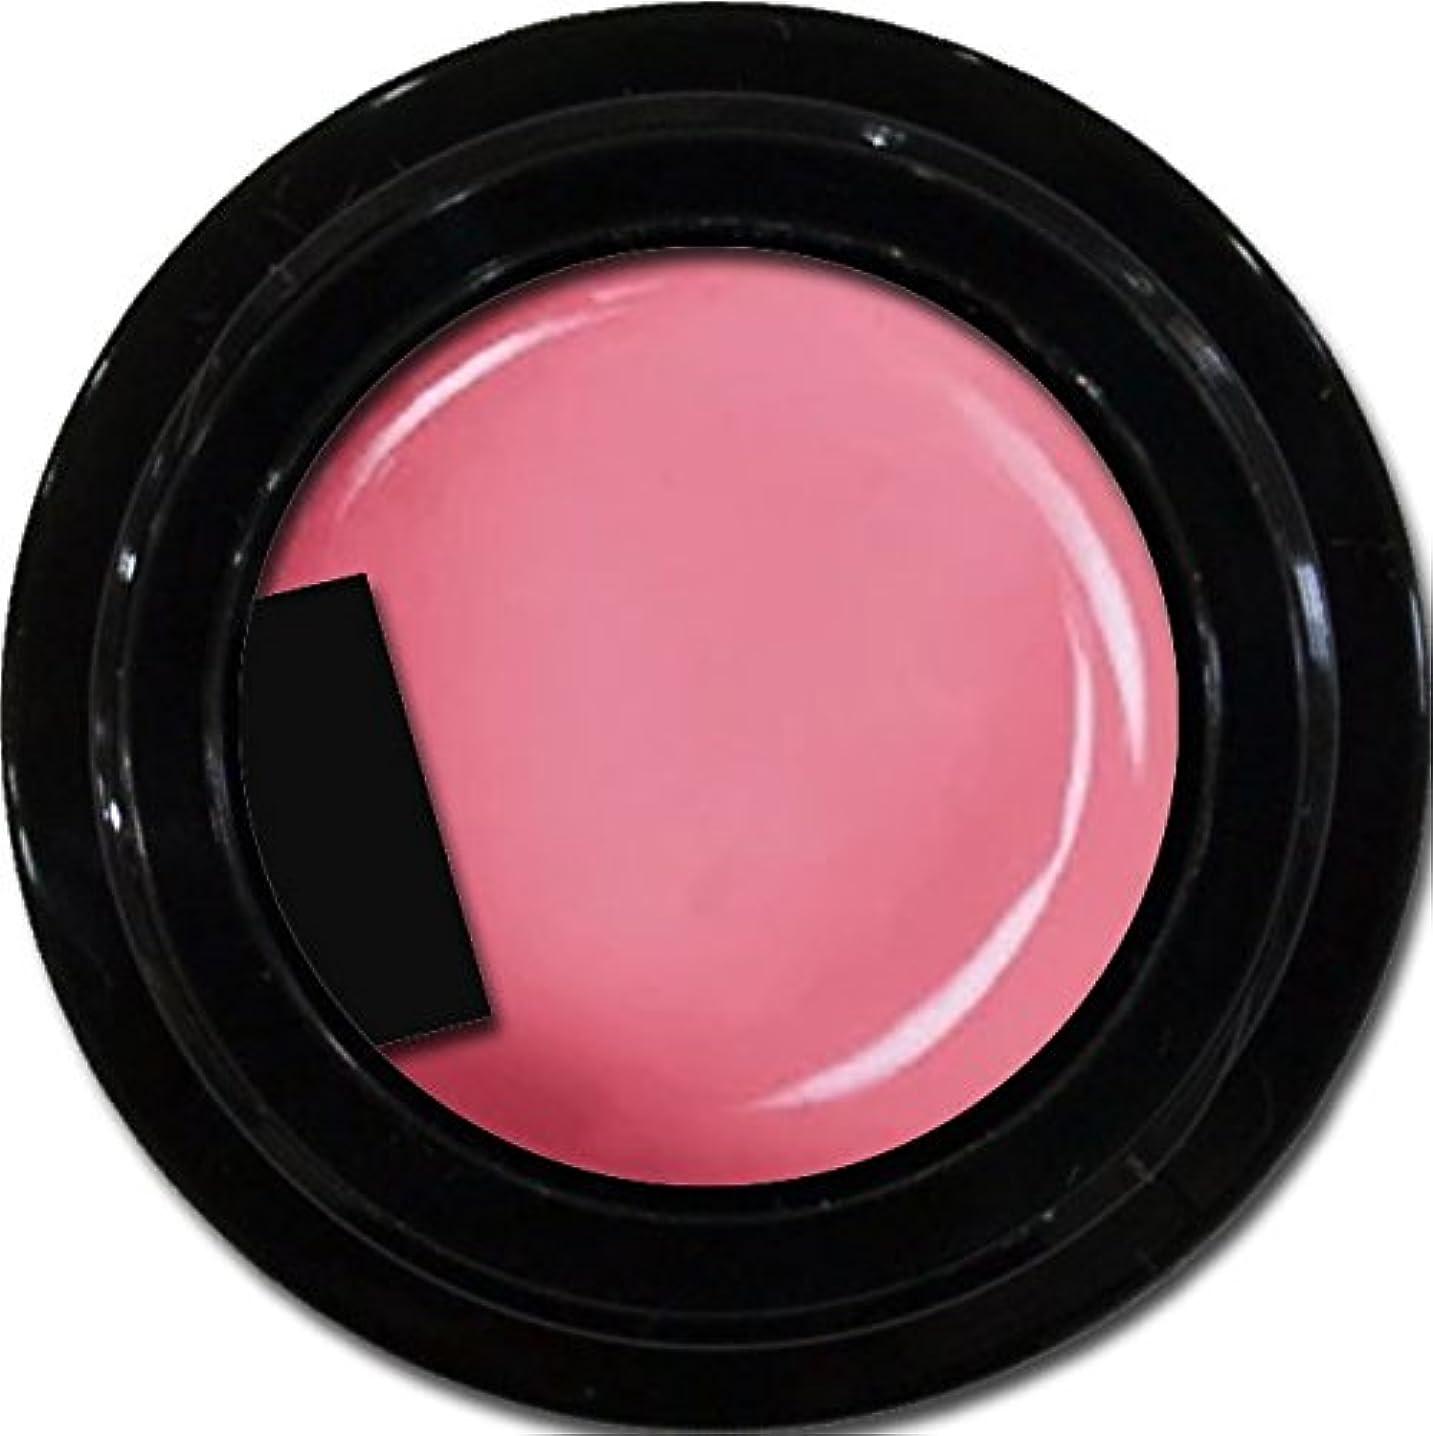 発表八乱暴なカラージェル enchant color gel M212 CoralPink 3g/ マットカラージェル M212コーラルピンク 3グラム